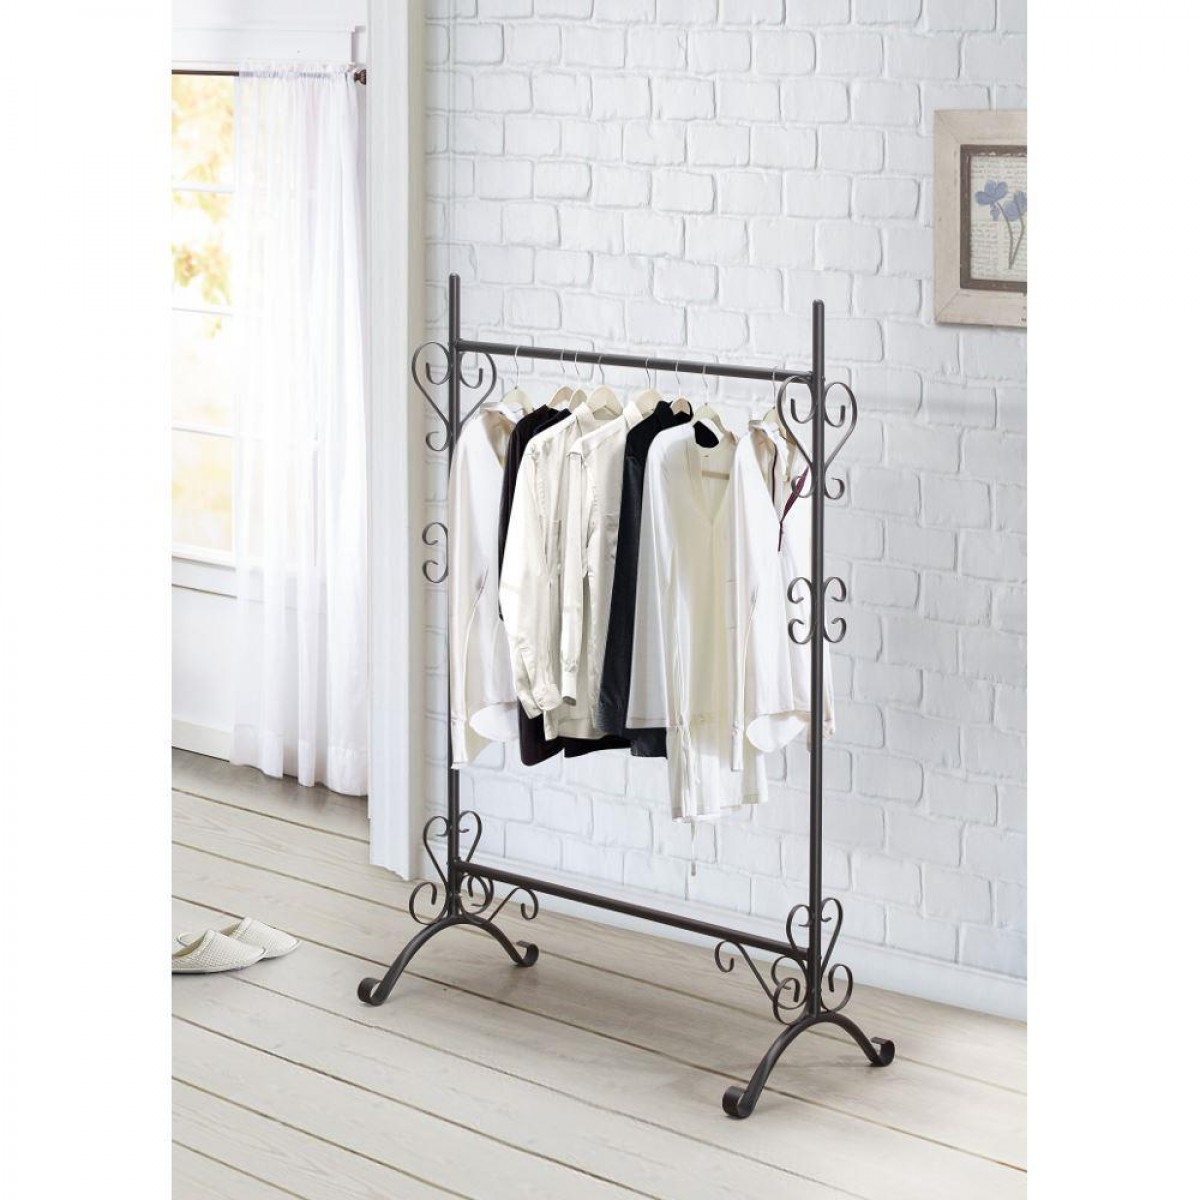 Indigo Black Hanging Rail